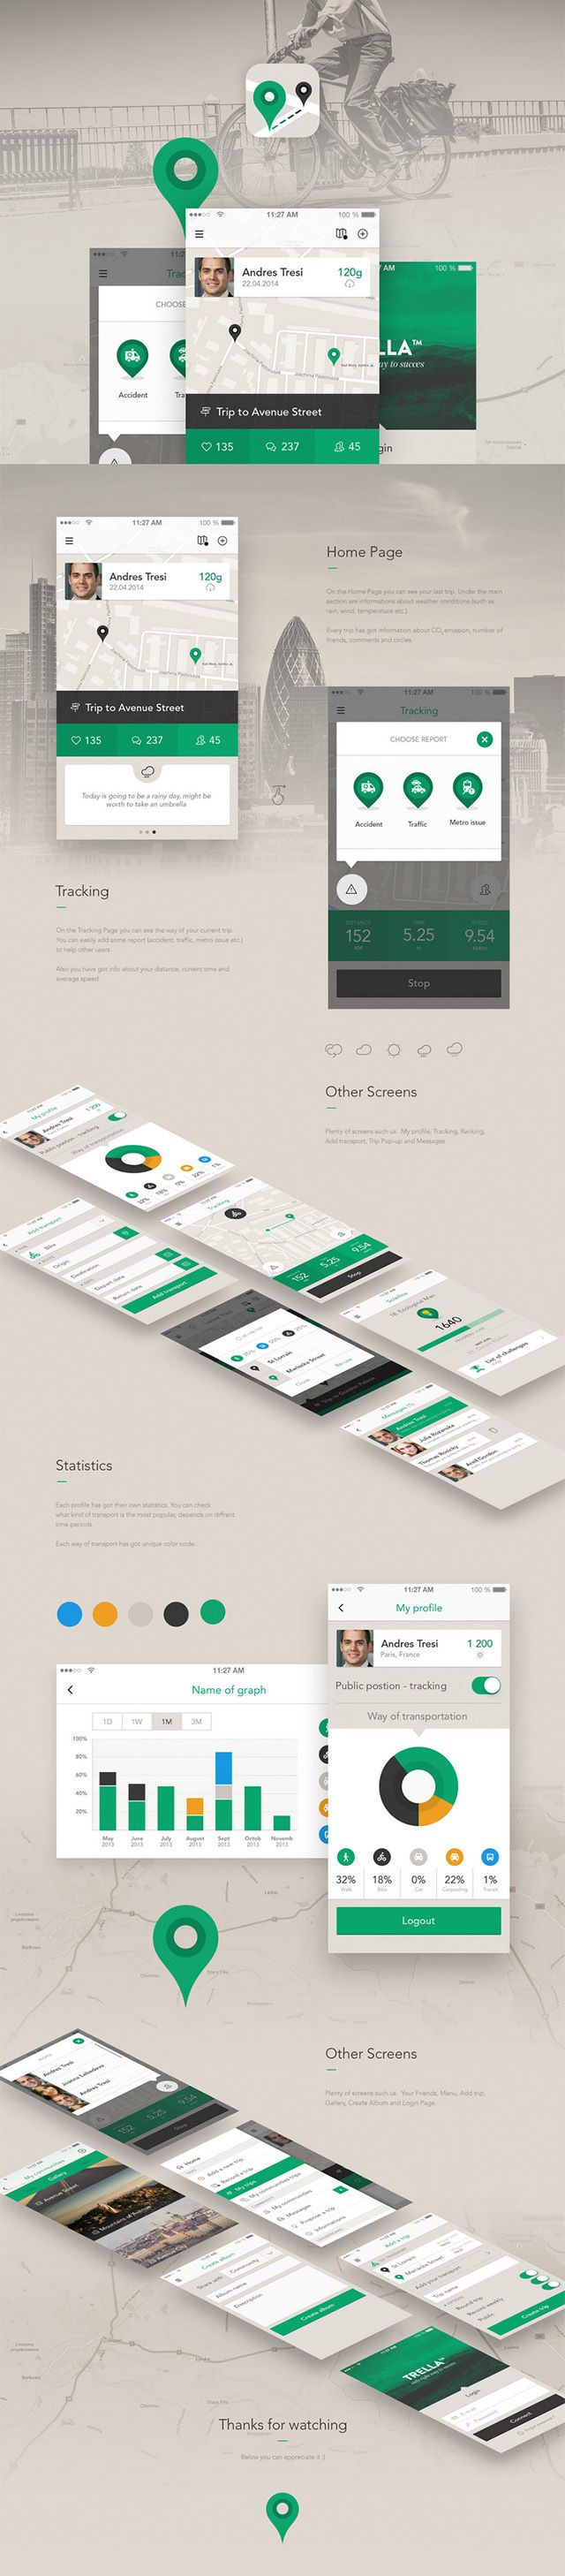 TRASPORT APP - concept by Michal Parulski #app #behance